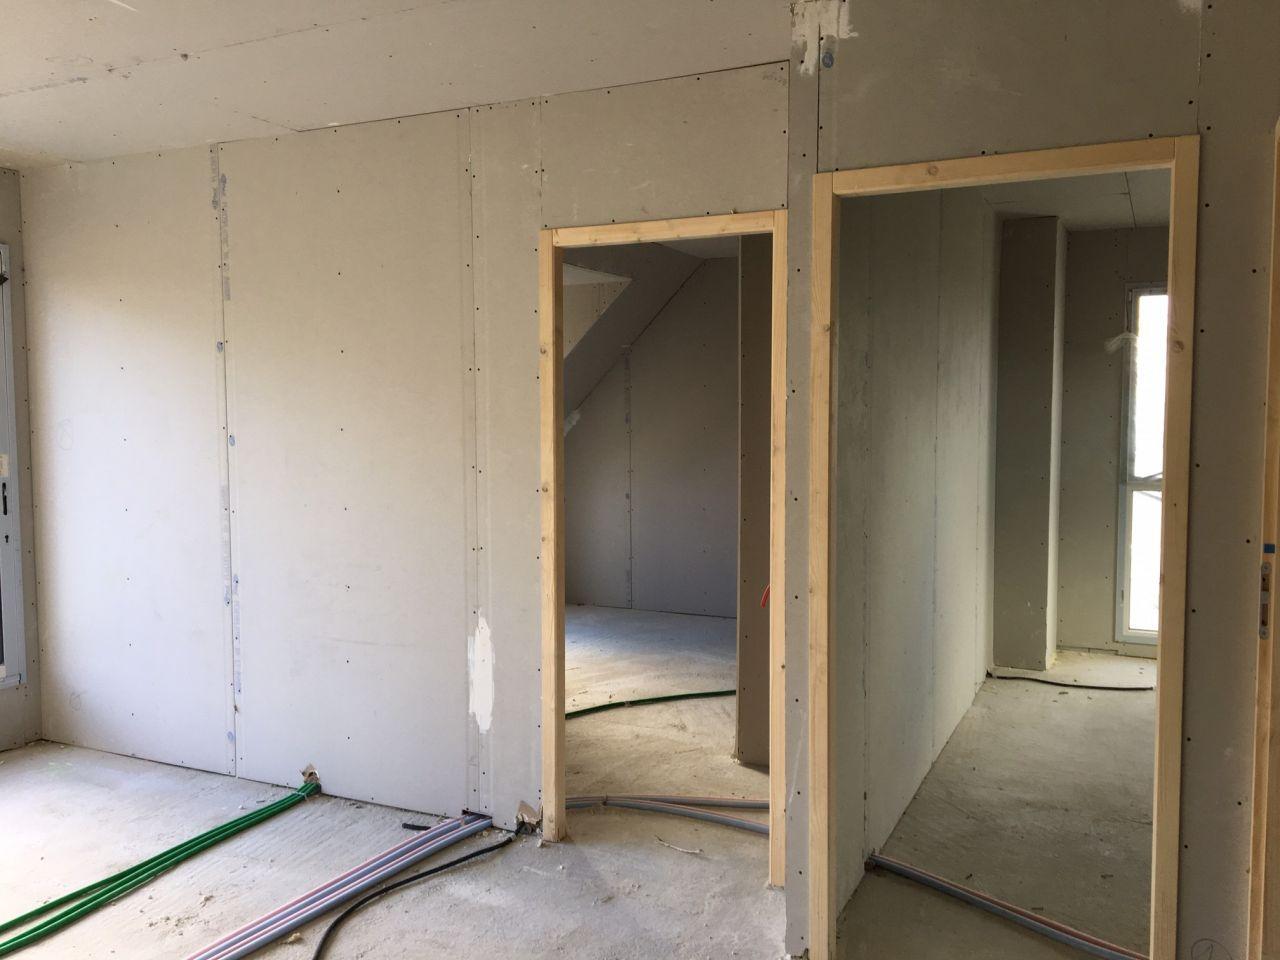 Etage : Mezzanine + entrée chambre 2 et 3